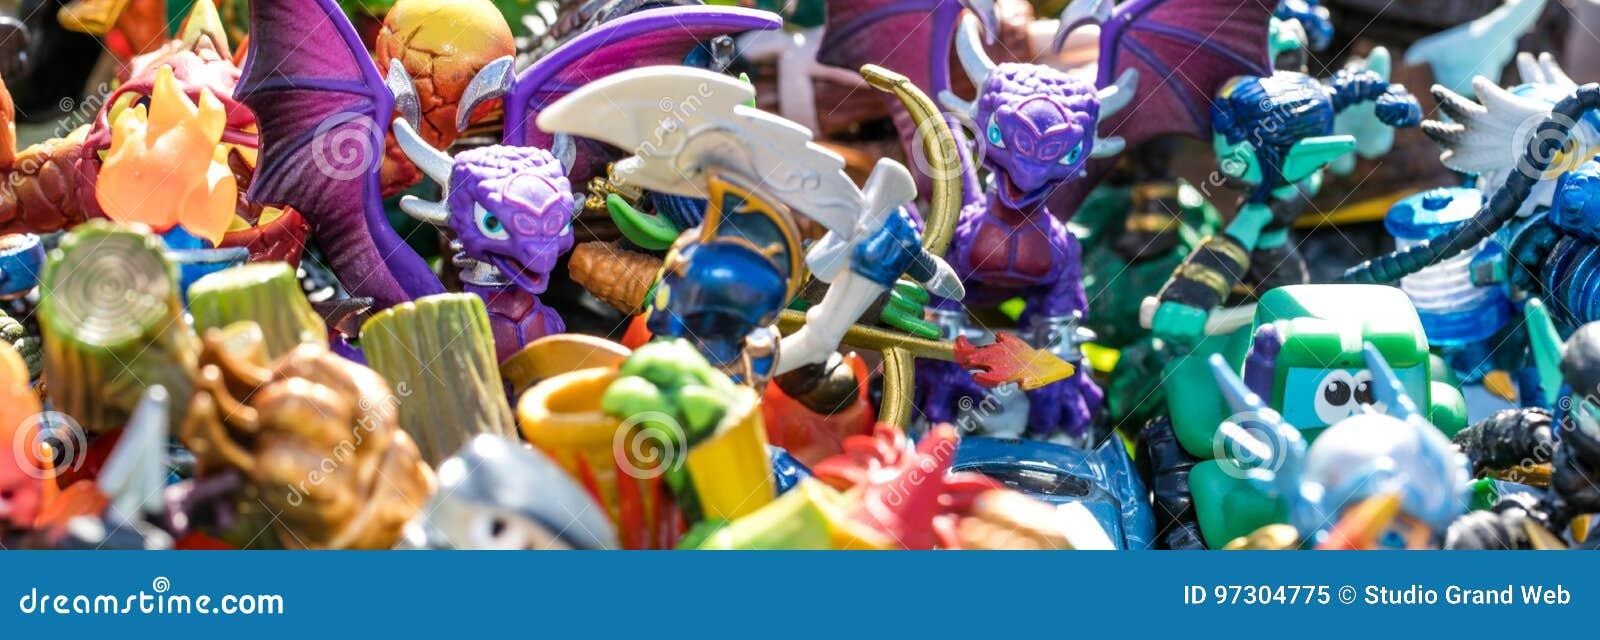 Primer de la pila de caracteres plásticos para la basura o el consumo